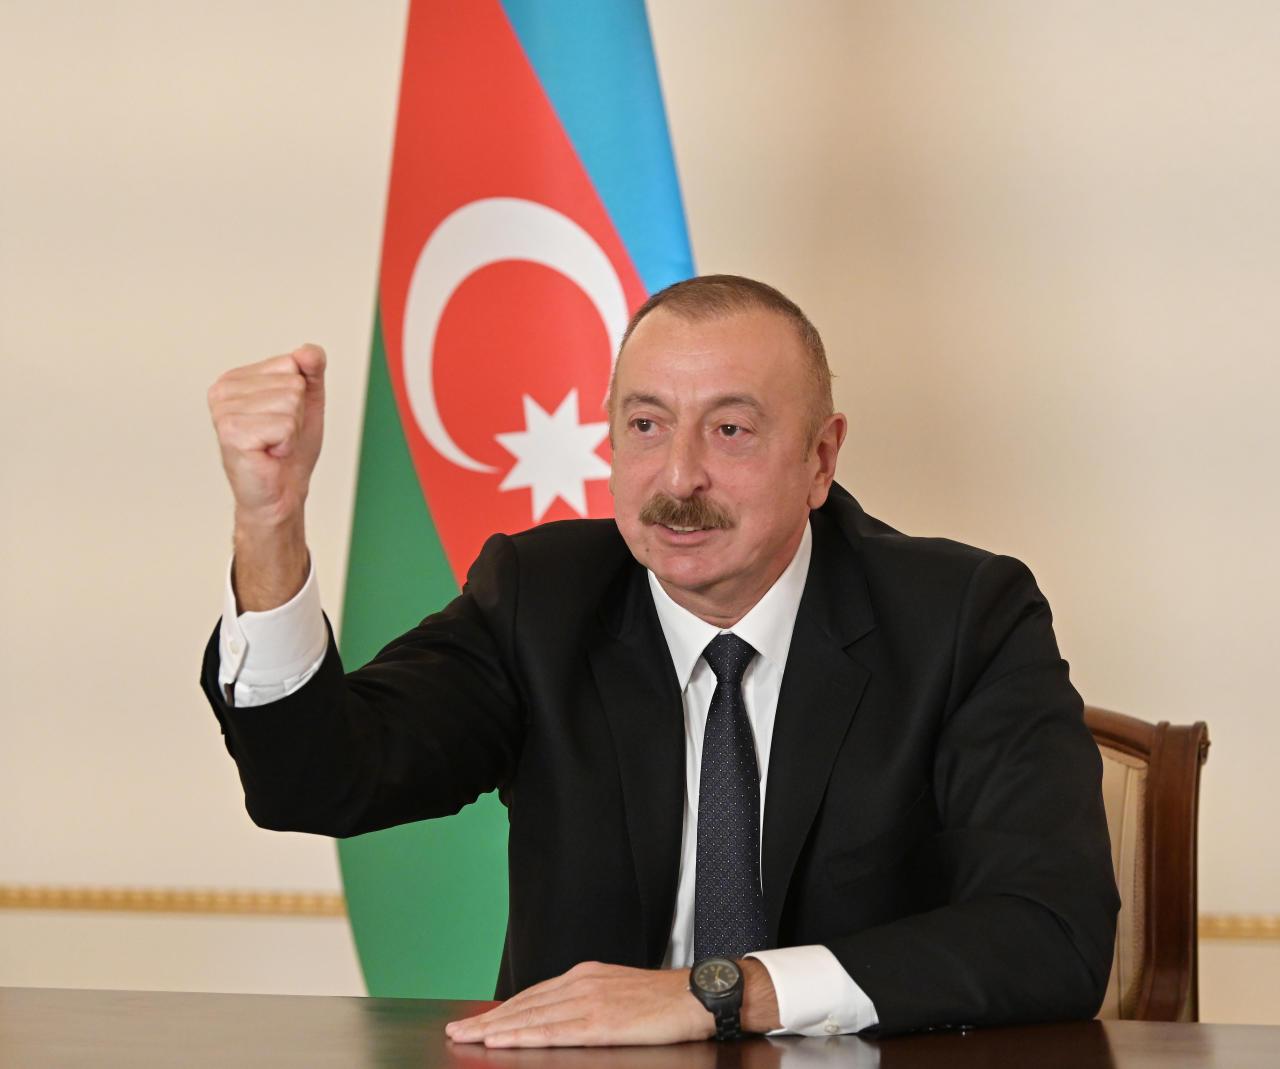 Президент Ильхам Алиев выступил с обращением к азербайджанскому народу